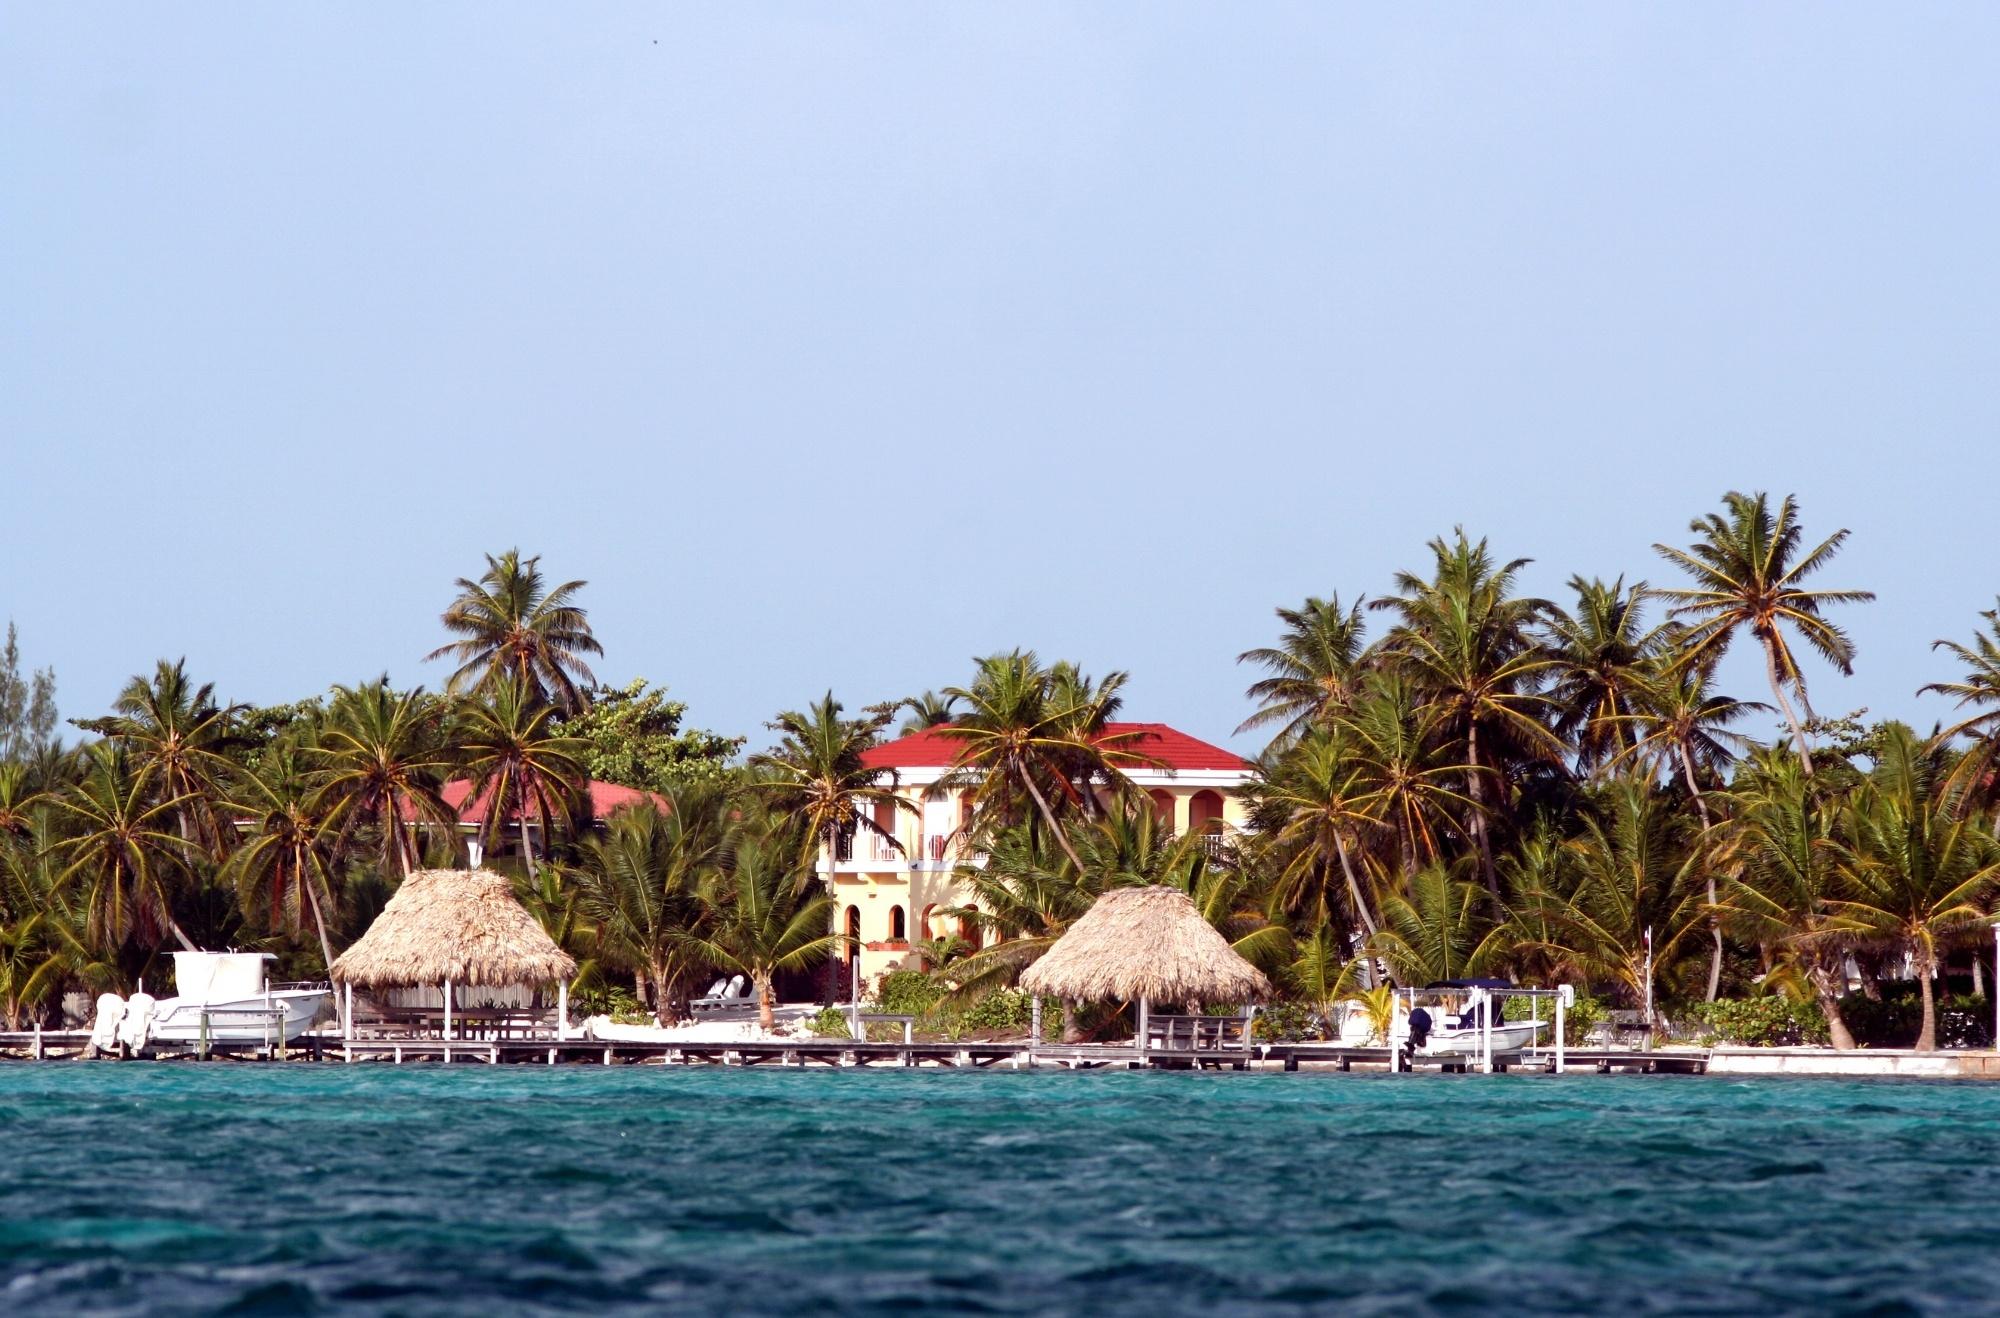 Accommodations, Ambergris Caye